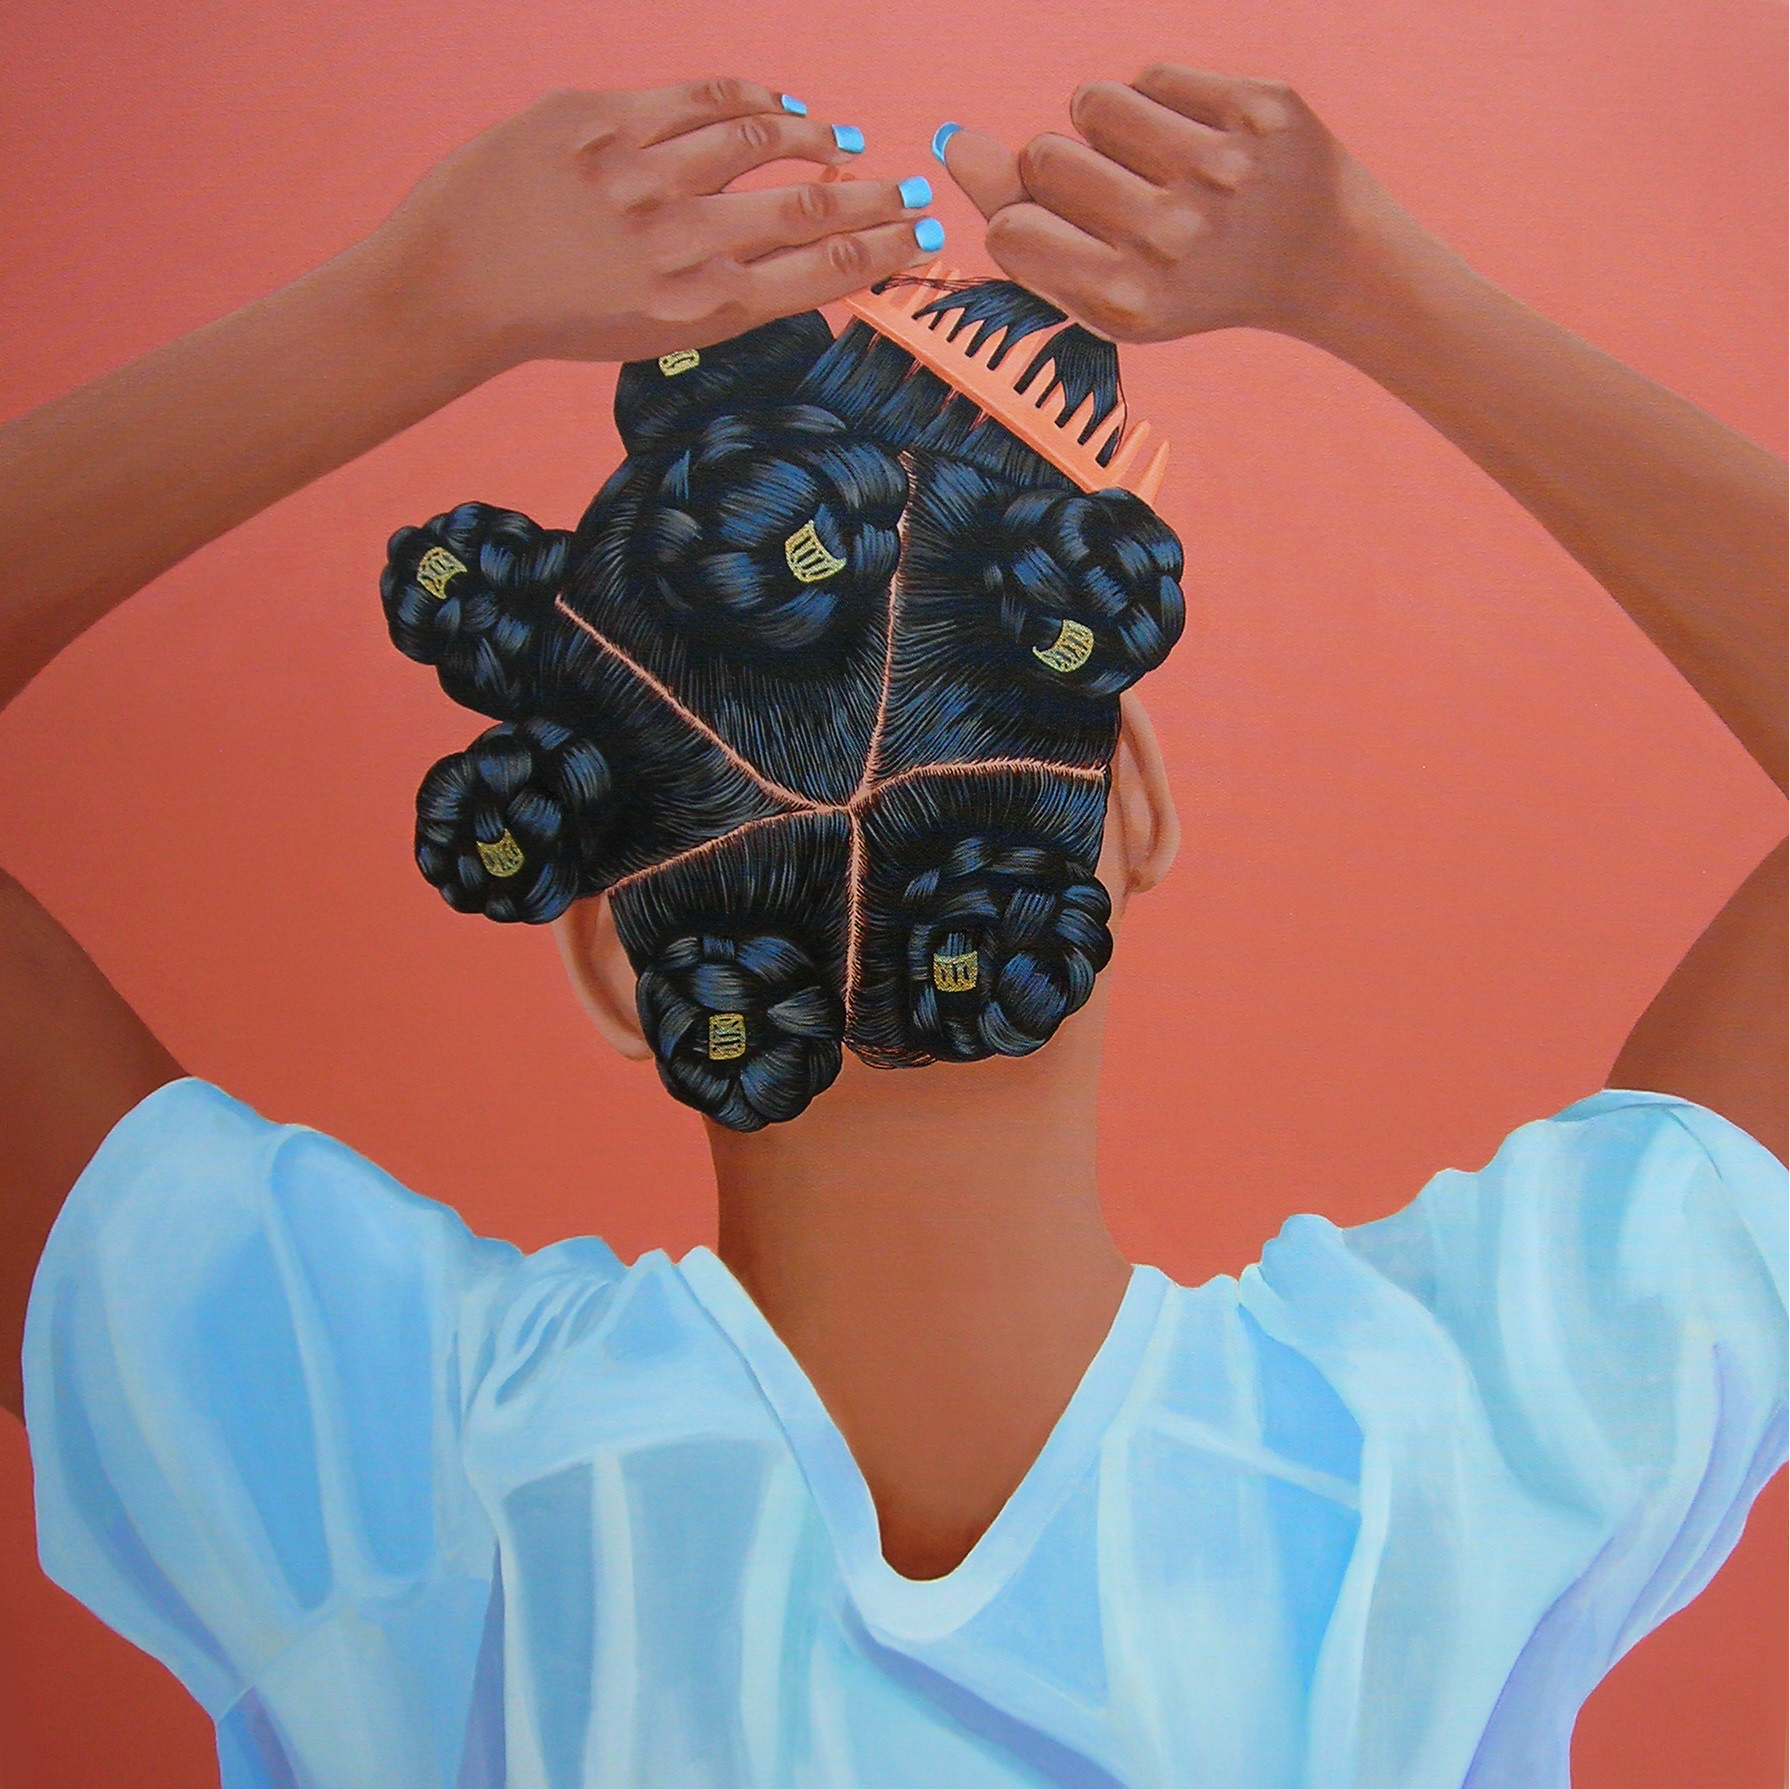 Jessica Spence Artwork